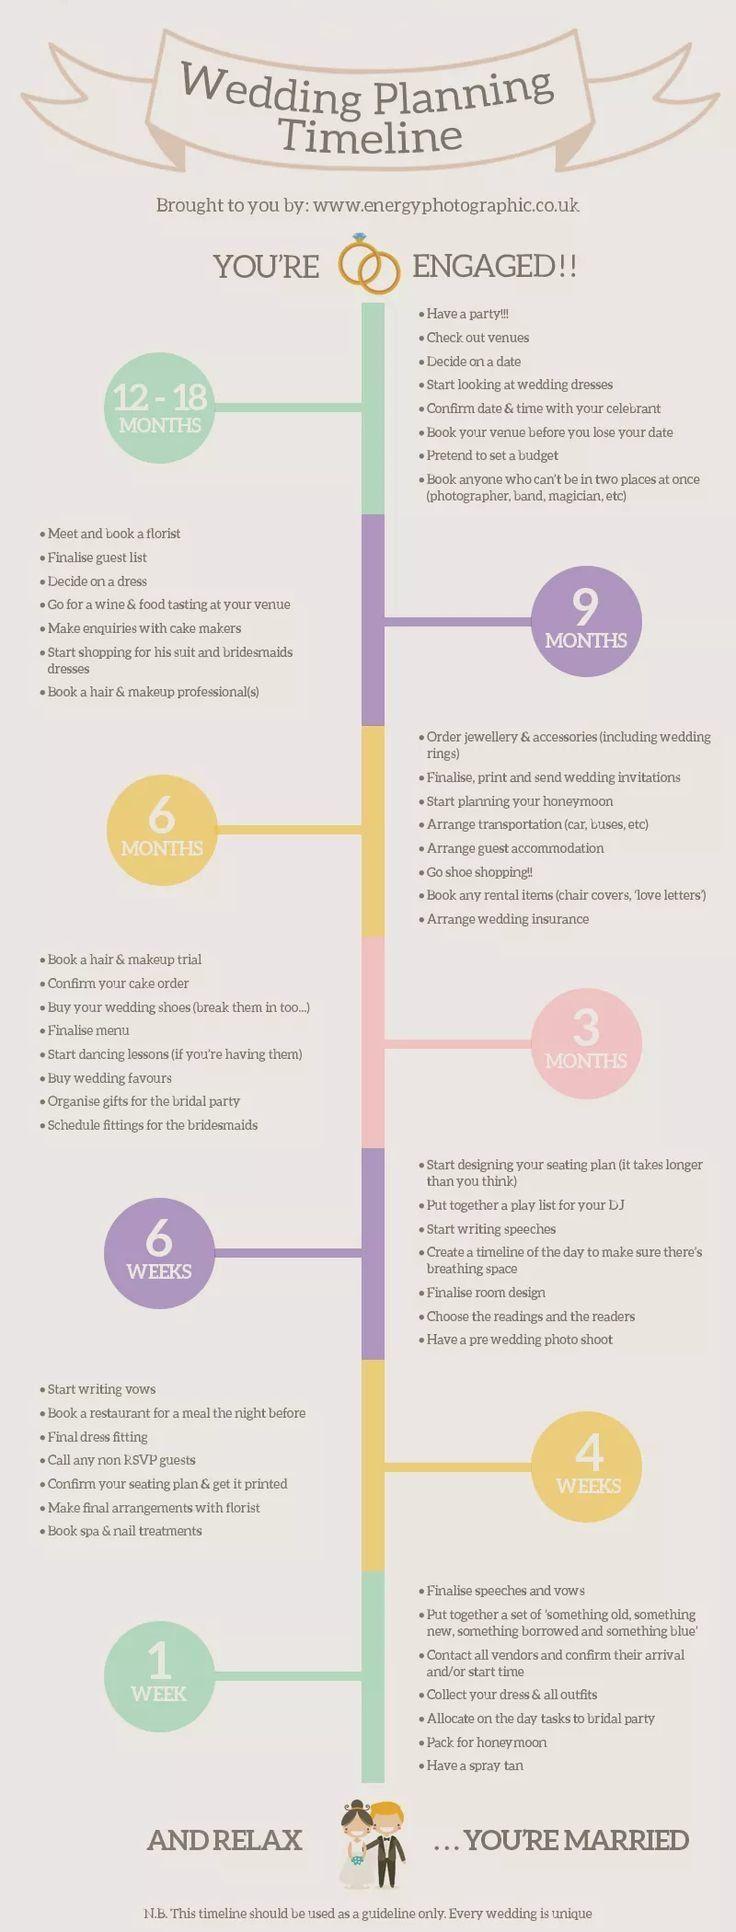 14 Charts von Pinterest, mit denen Sie Ihre Hochzeit viel einfacher planen können